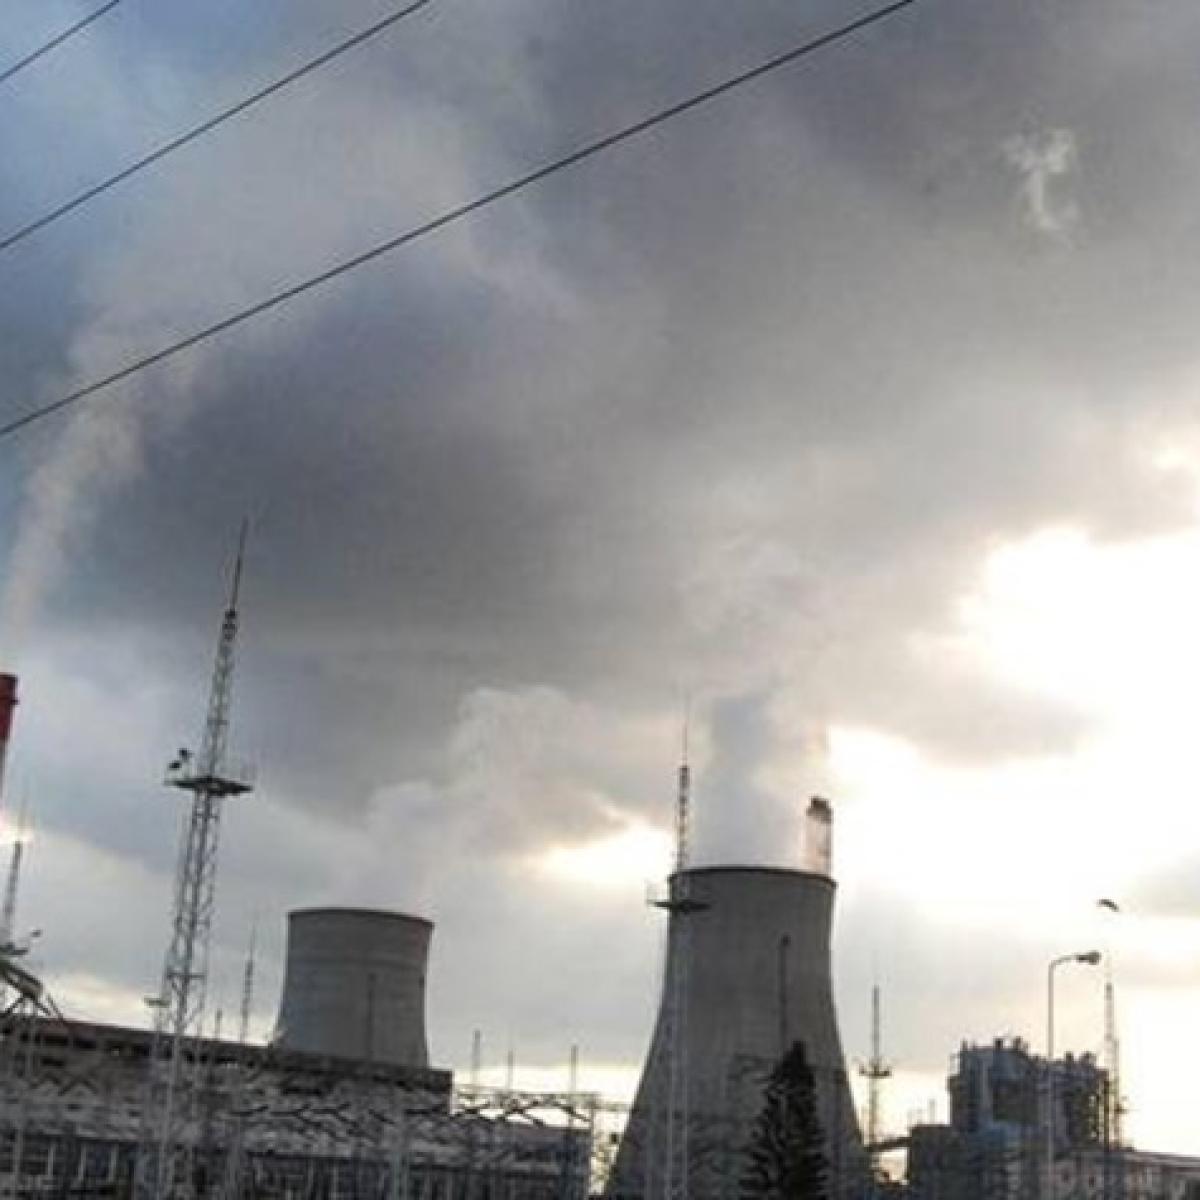 6 killed, 17 injured in boiler explosion at Tamil Nadu's Neyveli Lignite Plant